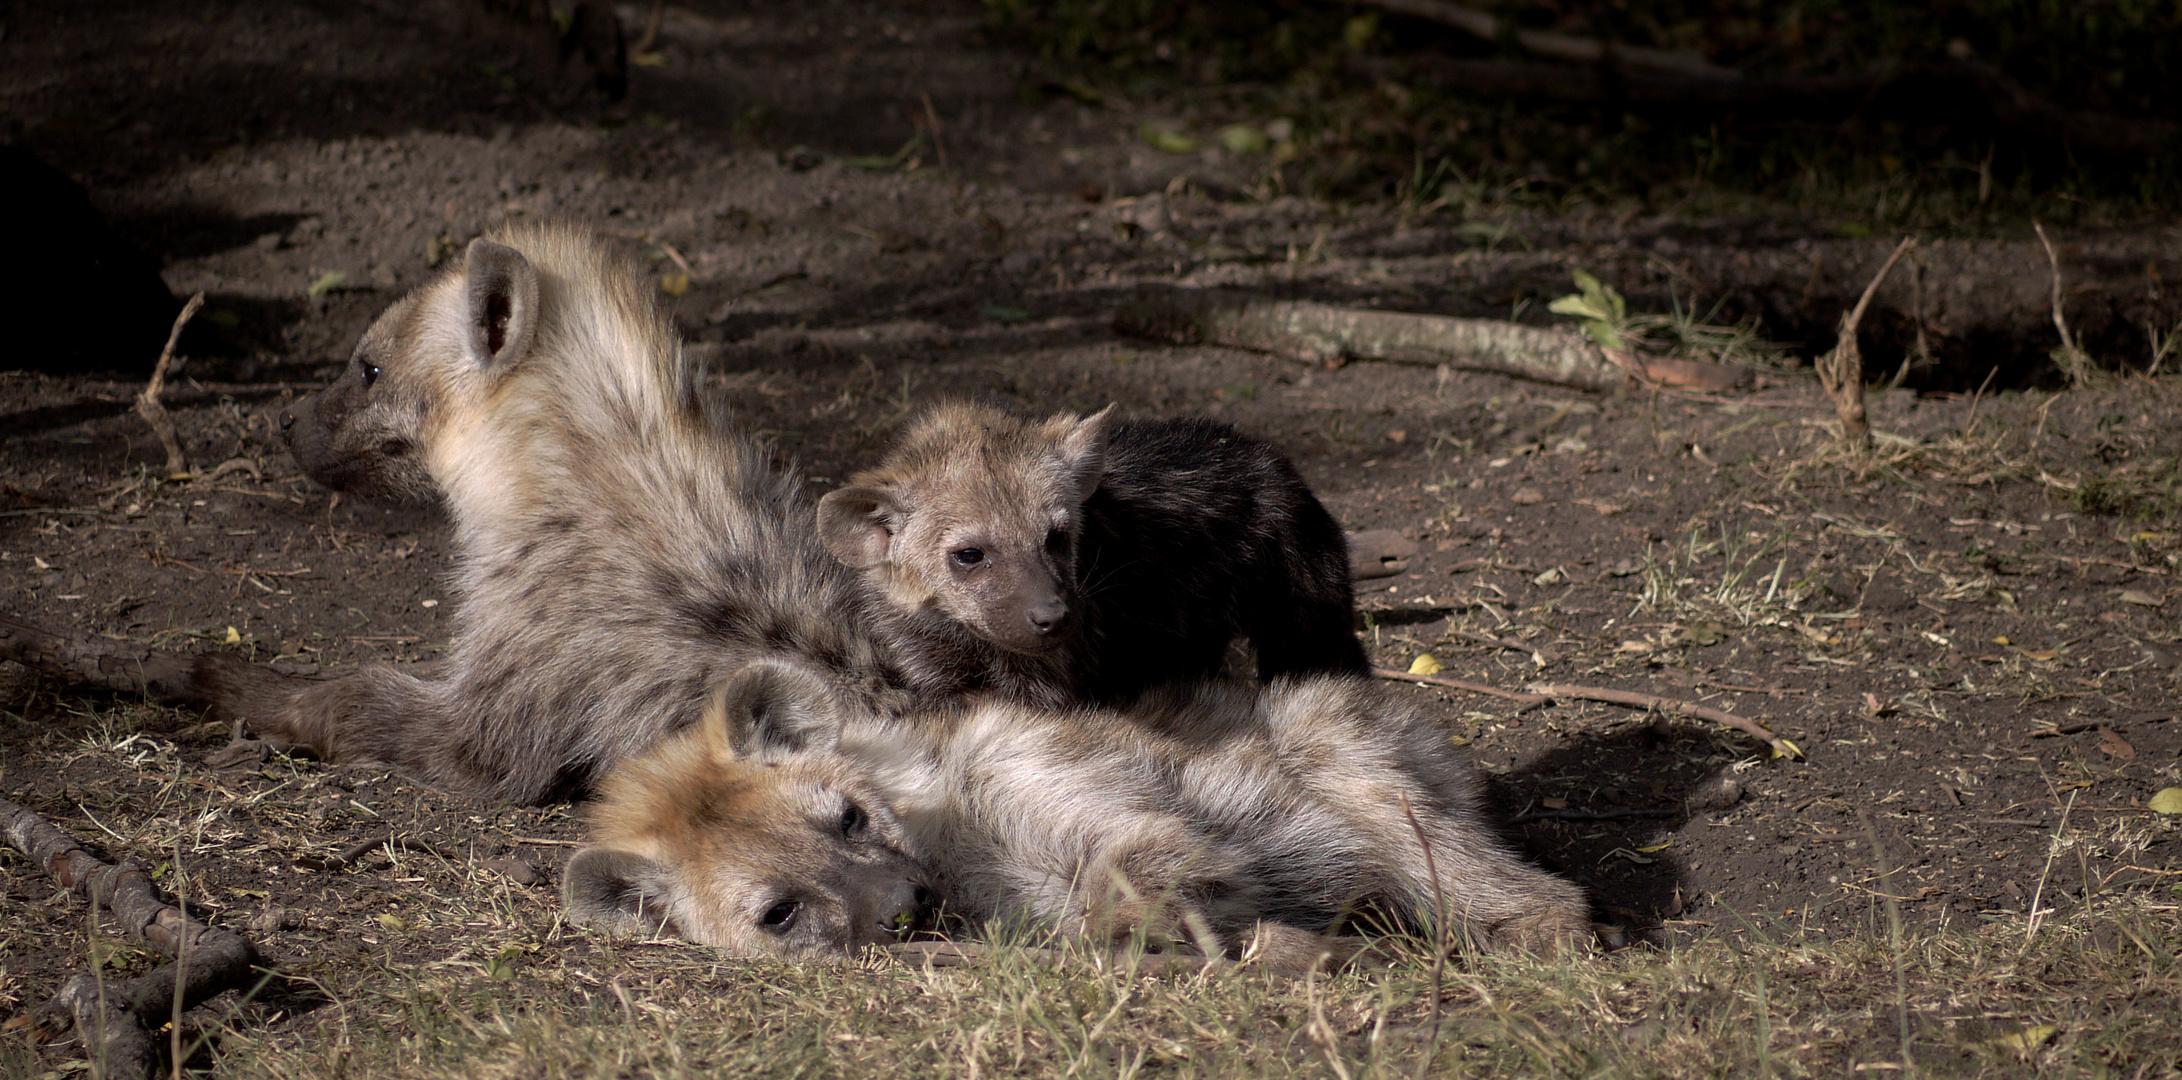 Hyänenkinder in der Mara